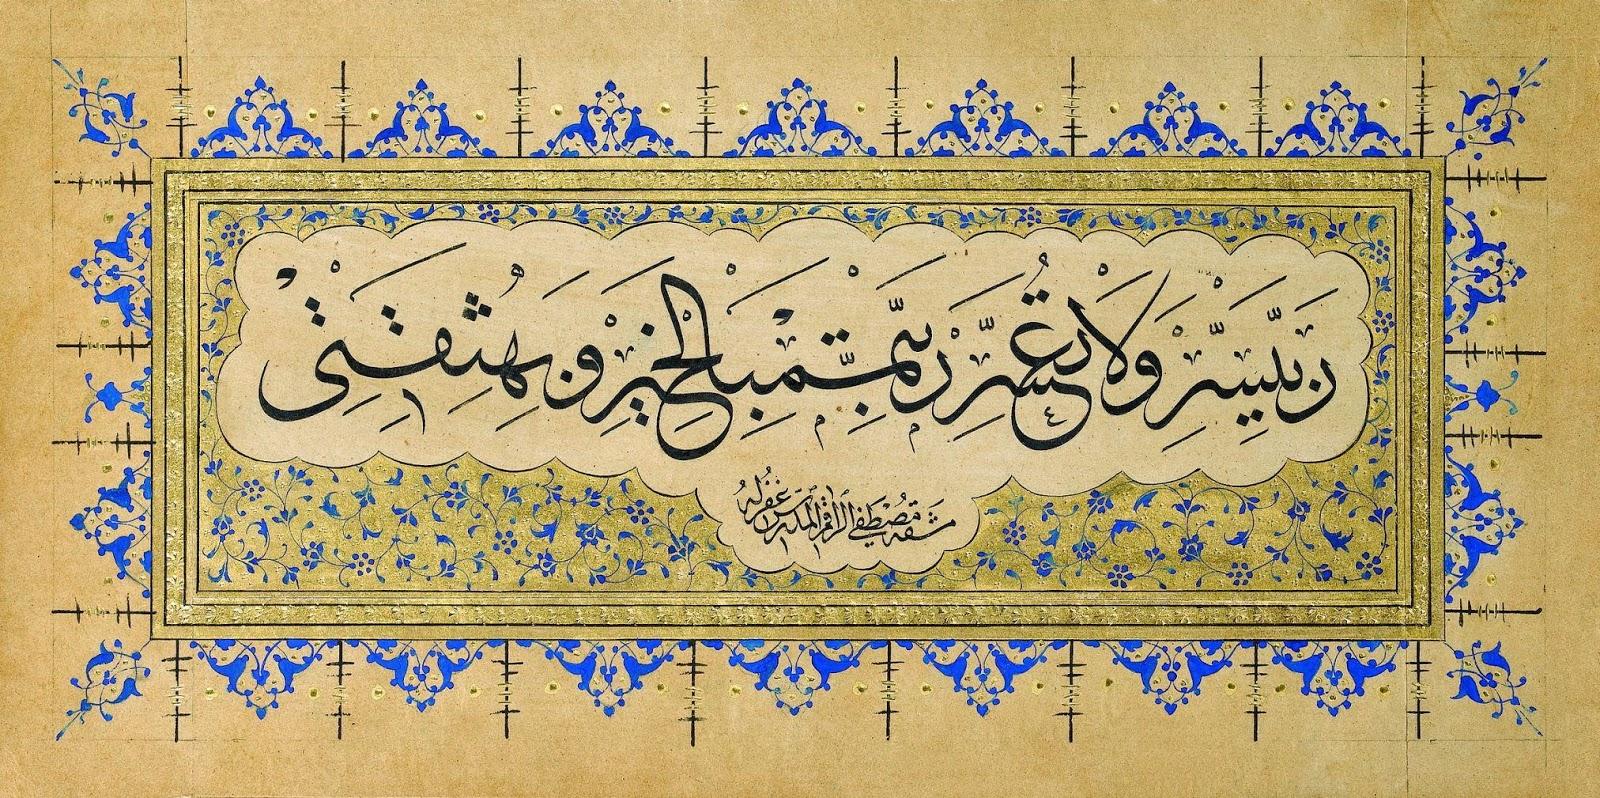 الخط العربي وتأثيره في التصميم